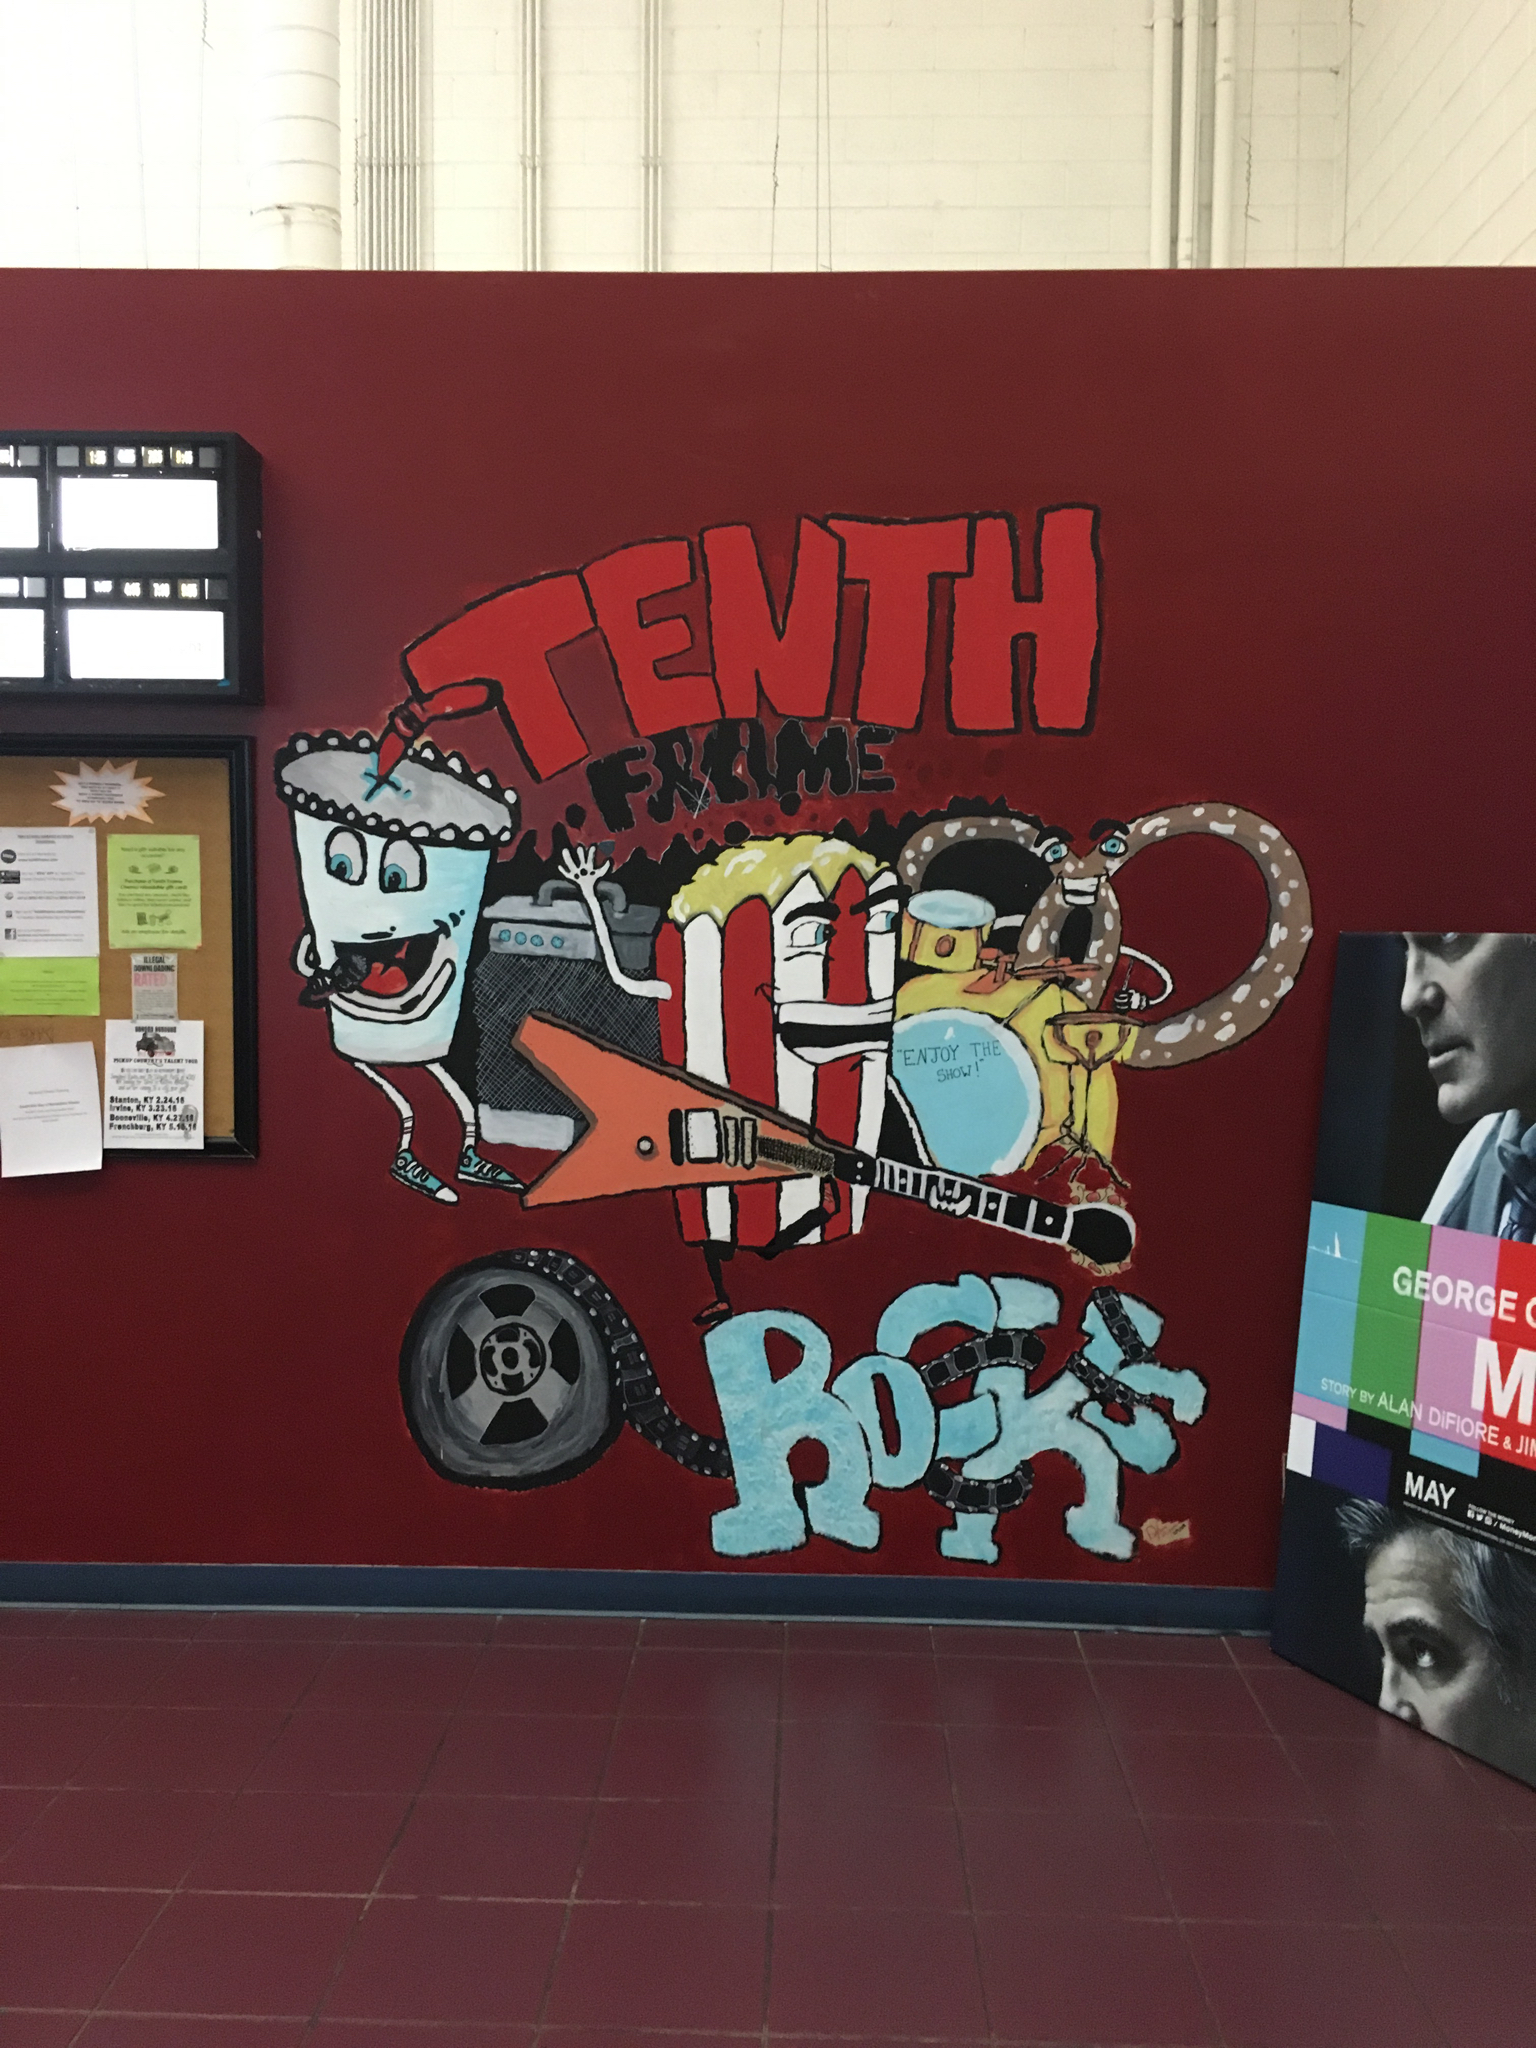 Tenth Frame Cinema 930 Camargo Rd, Mount Sterling, KY 40353 - YP.com